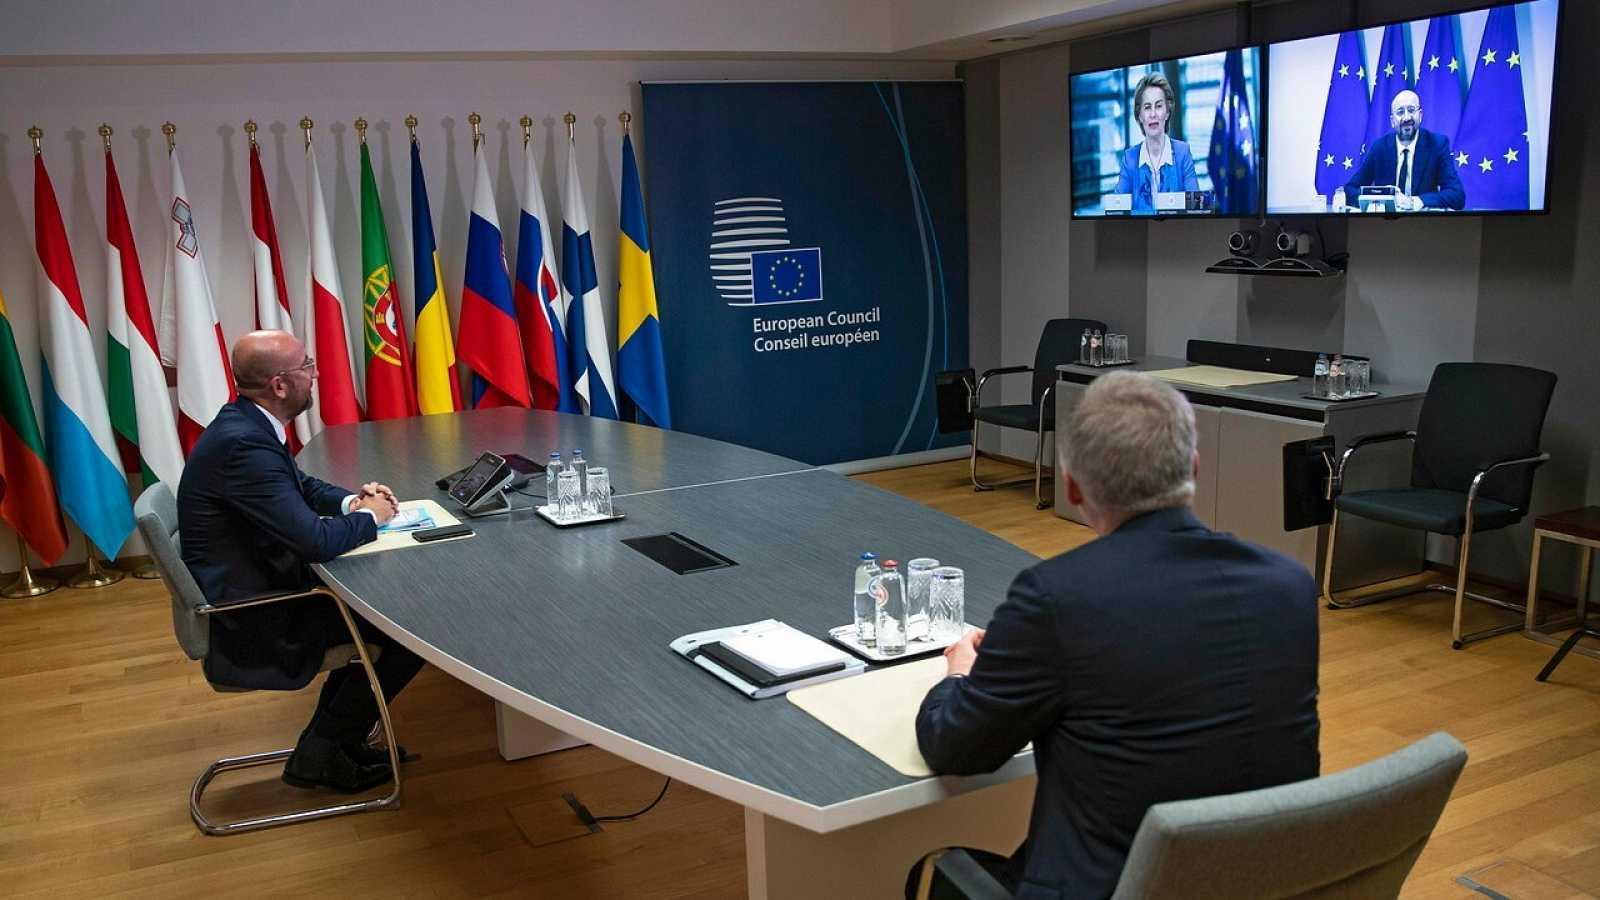 El Presidente del Consejo Europeo habla con Ursula von der Leyen antes de las conversaciones entre la UE y Reino Unido